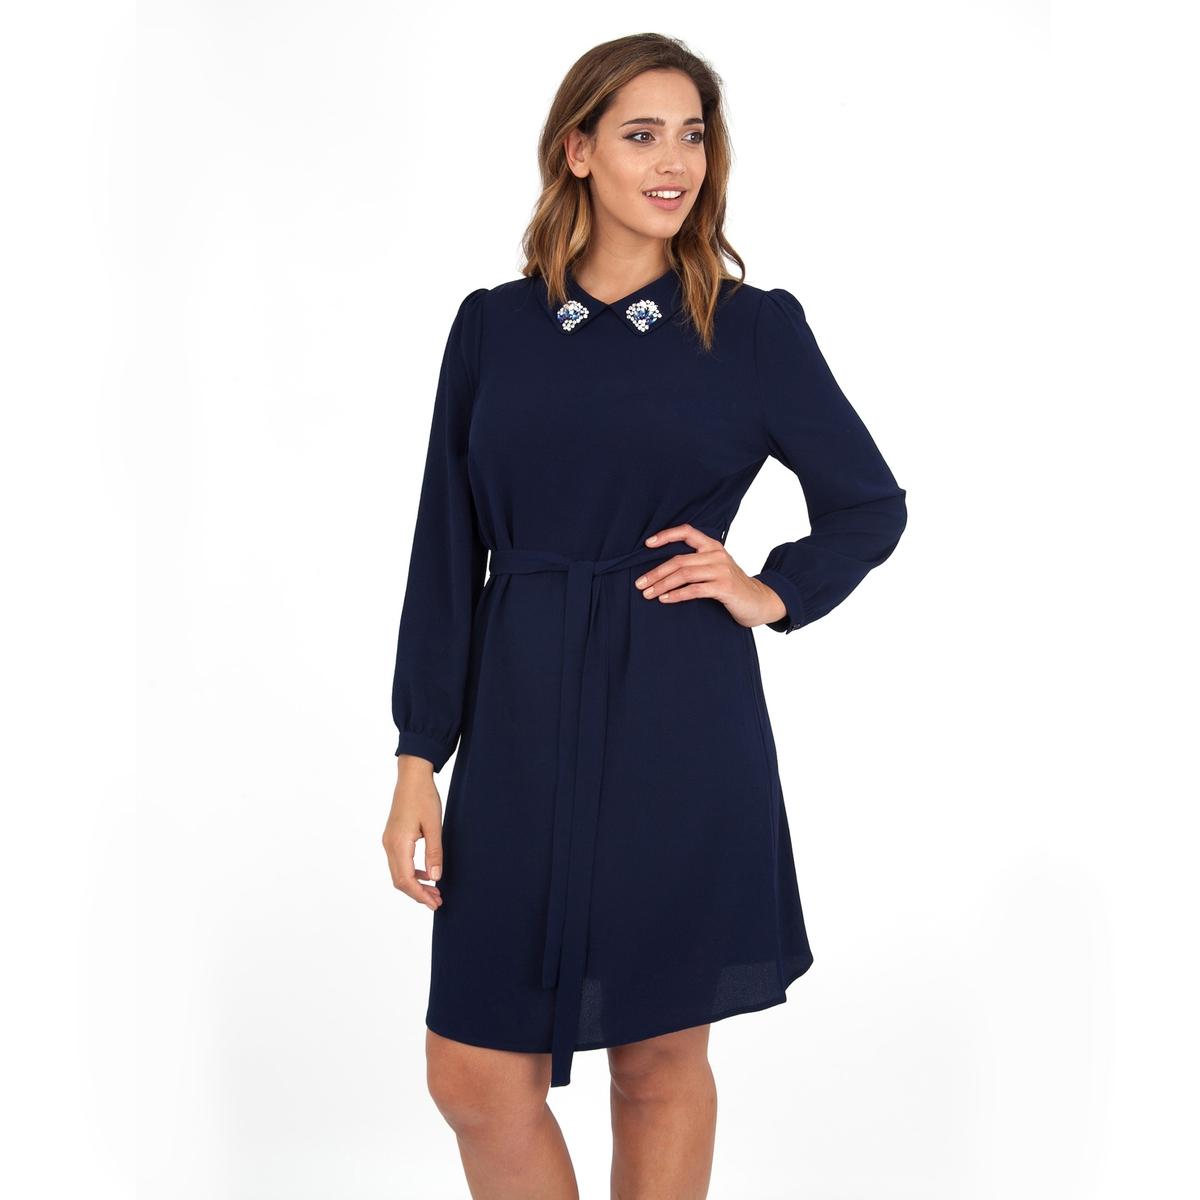 ПлатьеПлатье с длинными рукавами - LOVEDROBE. Красивая отделка выреза. Ремень на поясе. Длина ок.104 см. 100% полиэстера.<br><br>Цвет: темно-синий<br>Размер: 58/60 (FR) - 64/66 (RUS)